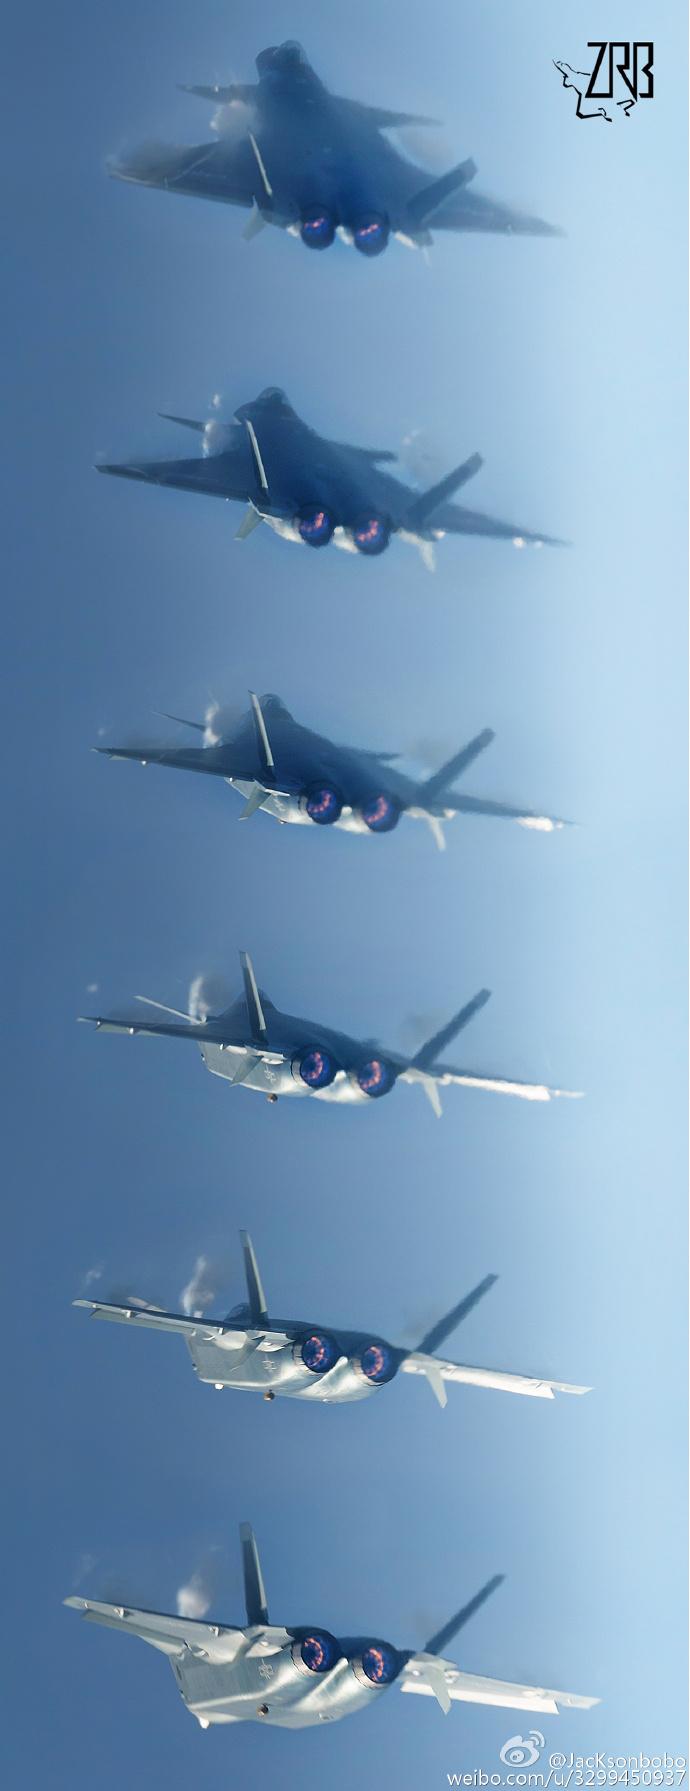 俄媒:歼20机群将把美国航母战斗群逼入绝境